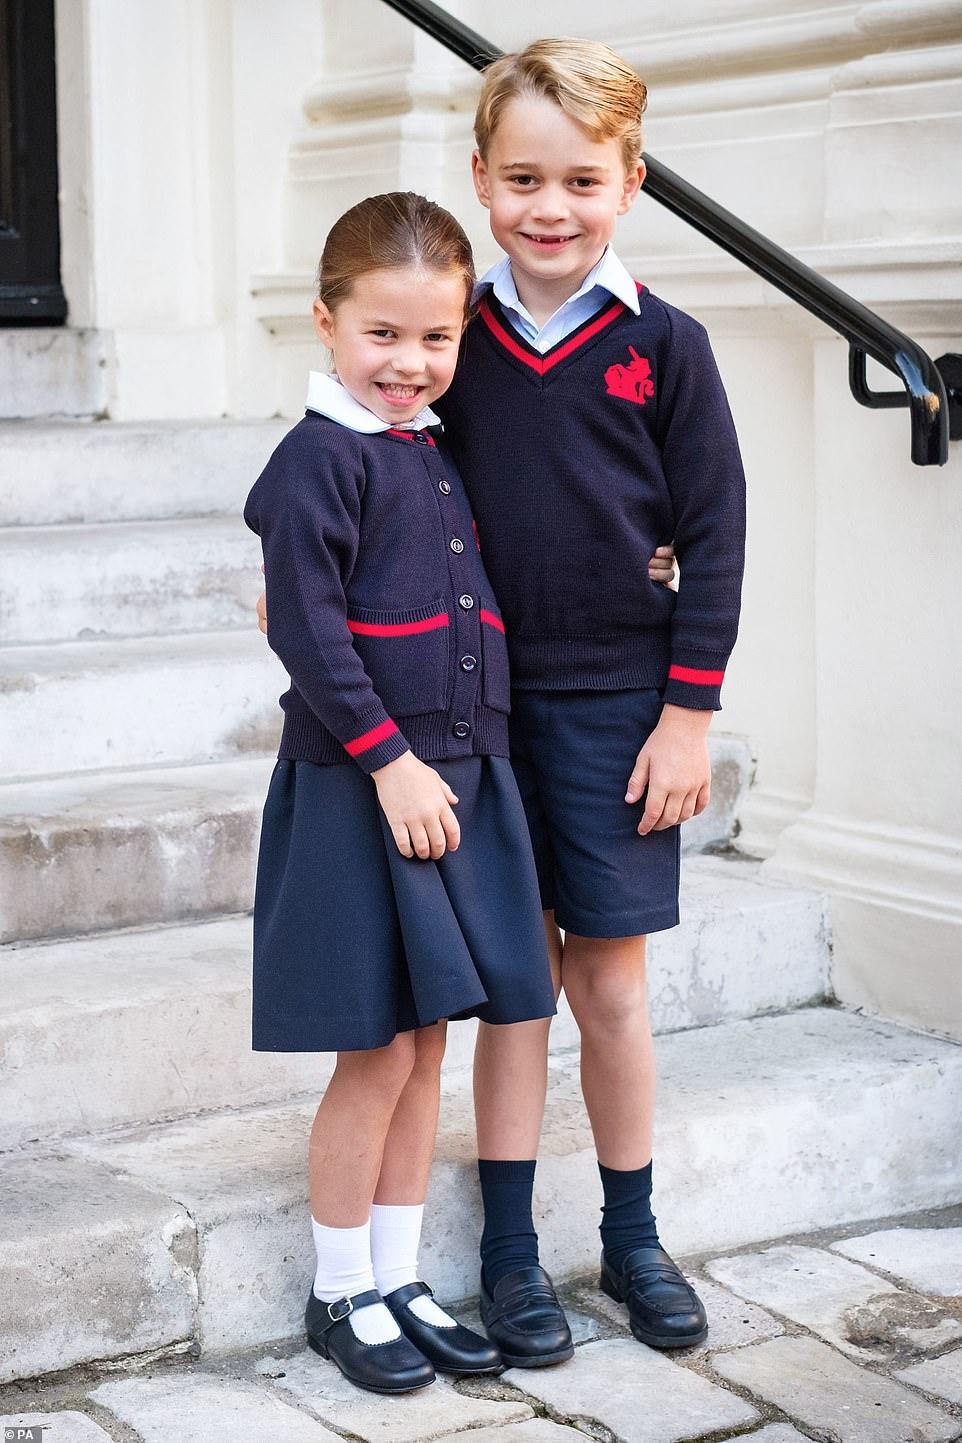 乔治夏洛特双双入学 英媒:兄妹俩成校园